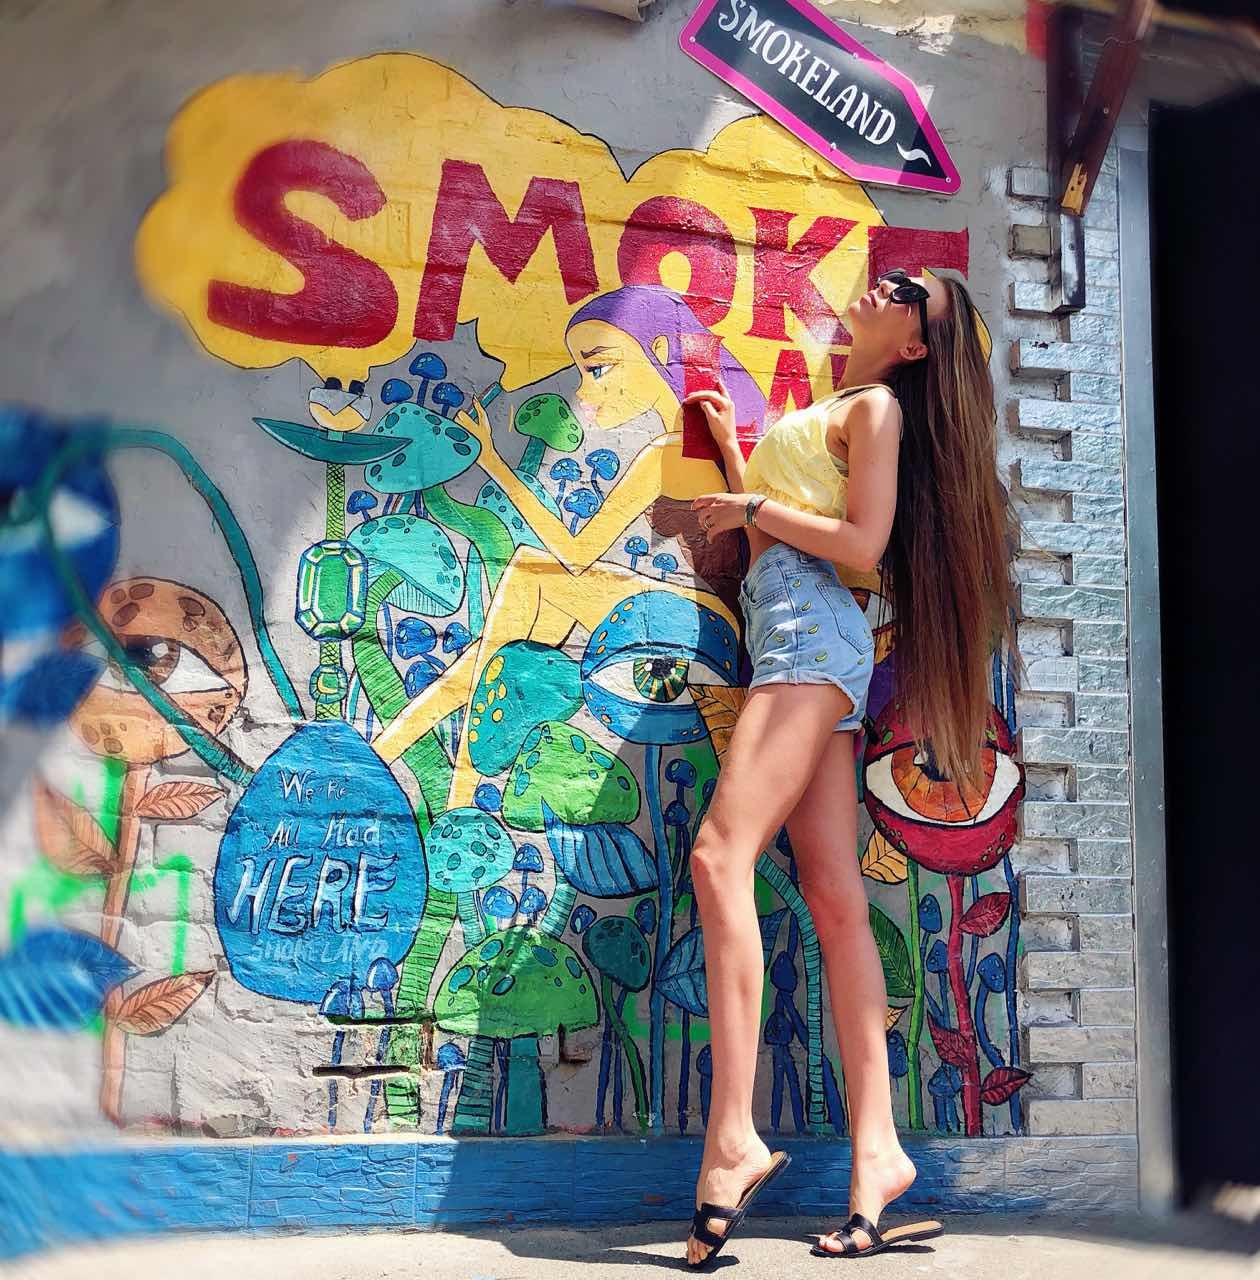 кальян недорого киев, Кальян-бар киев, кальян-бар Smokeland, кальянная в центре киева,кальян бар киев,киев кальян, где покурить кальян киев, кальянные киева,кальян бар центр киева,  ( (9)